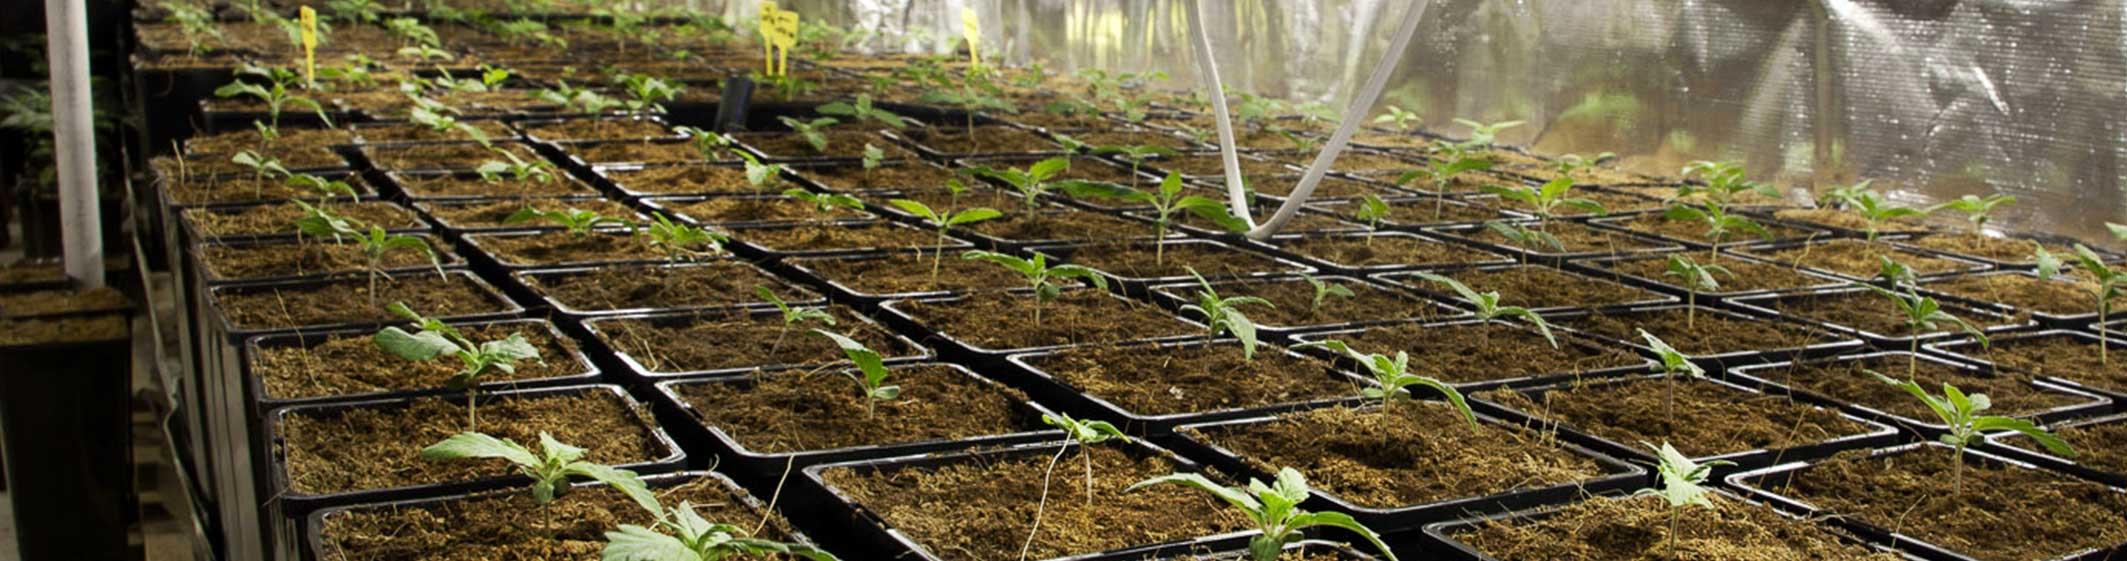 coltivazione indoor canapa light